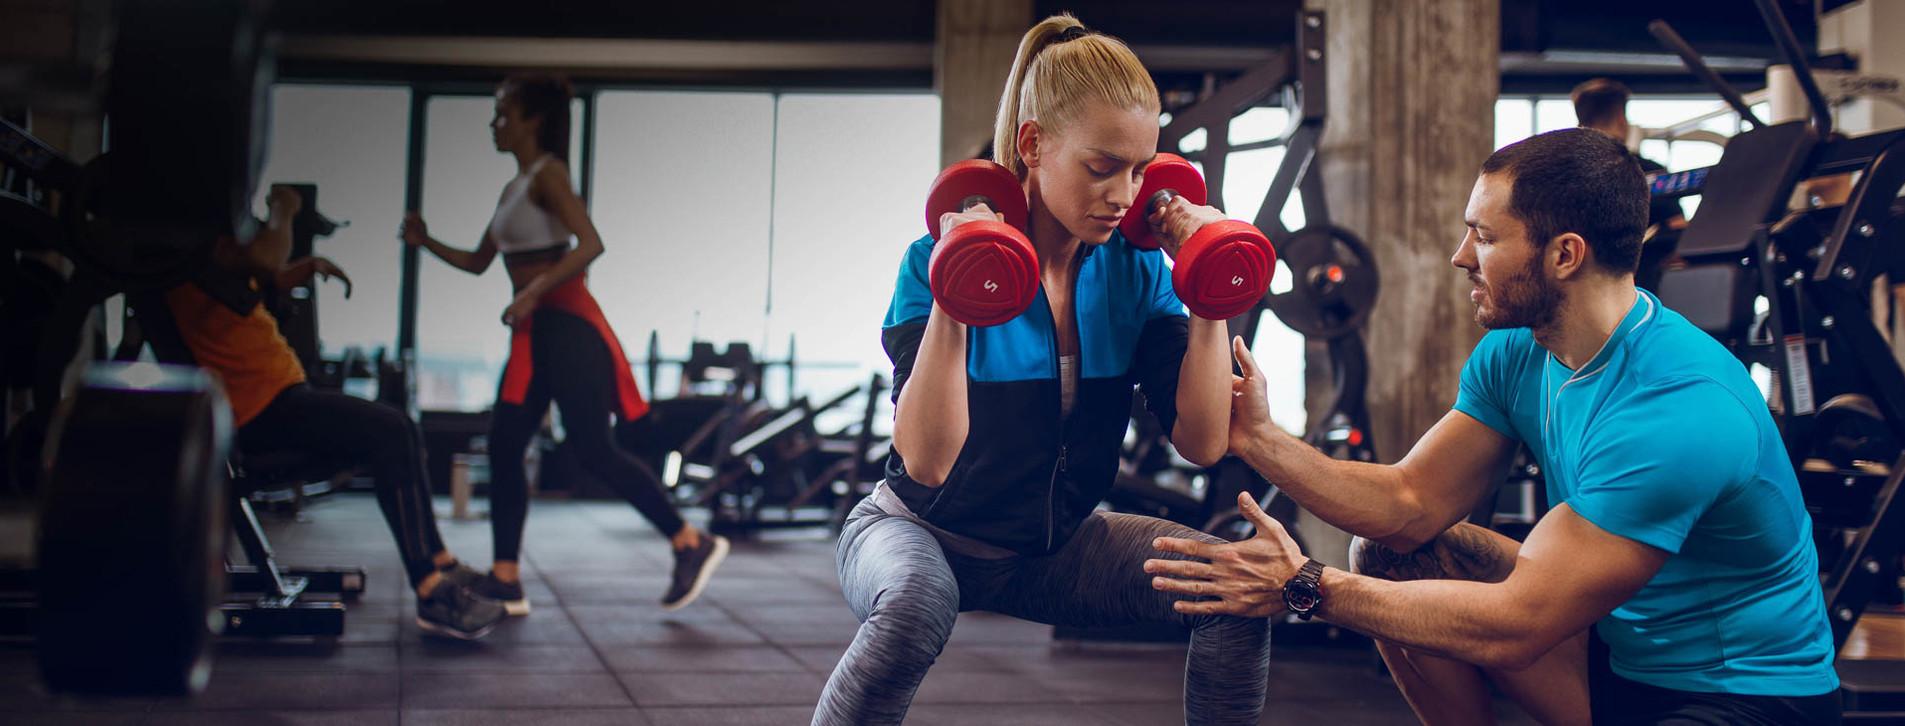 Фото 1 - Персональный фитнес-тренер